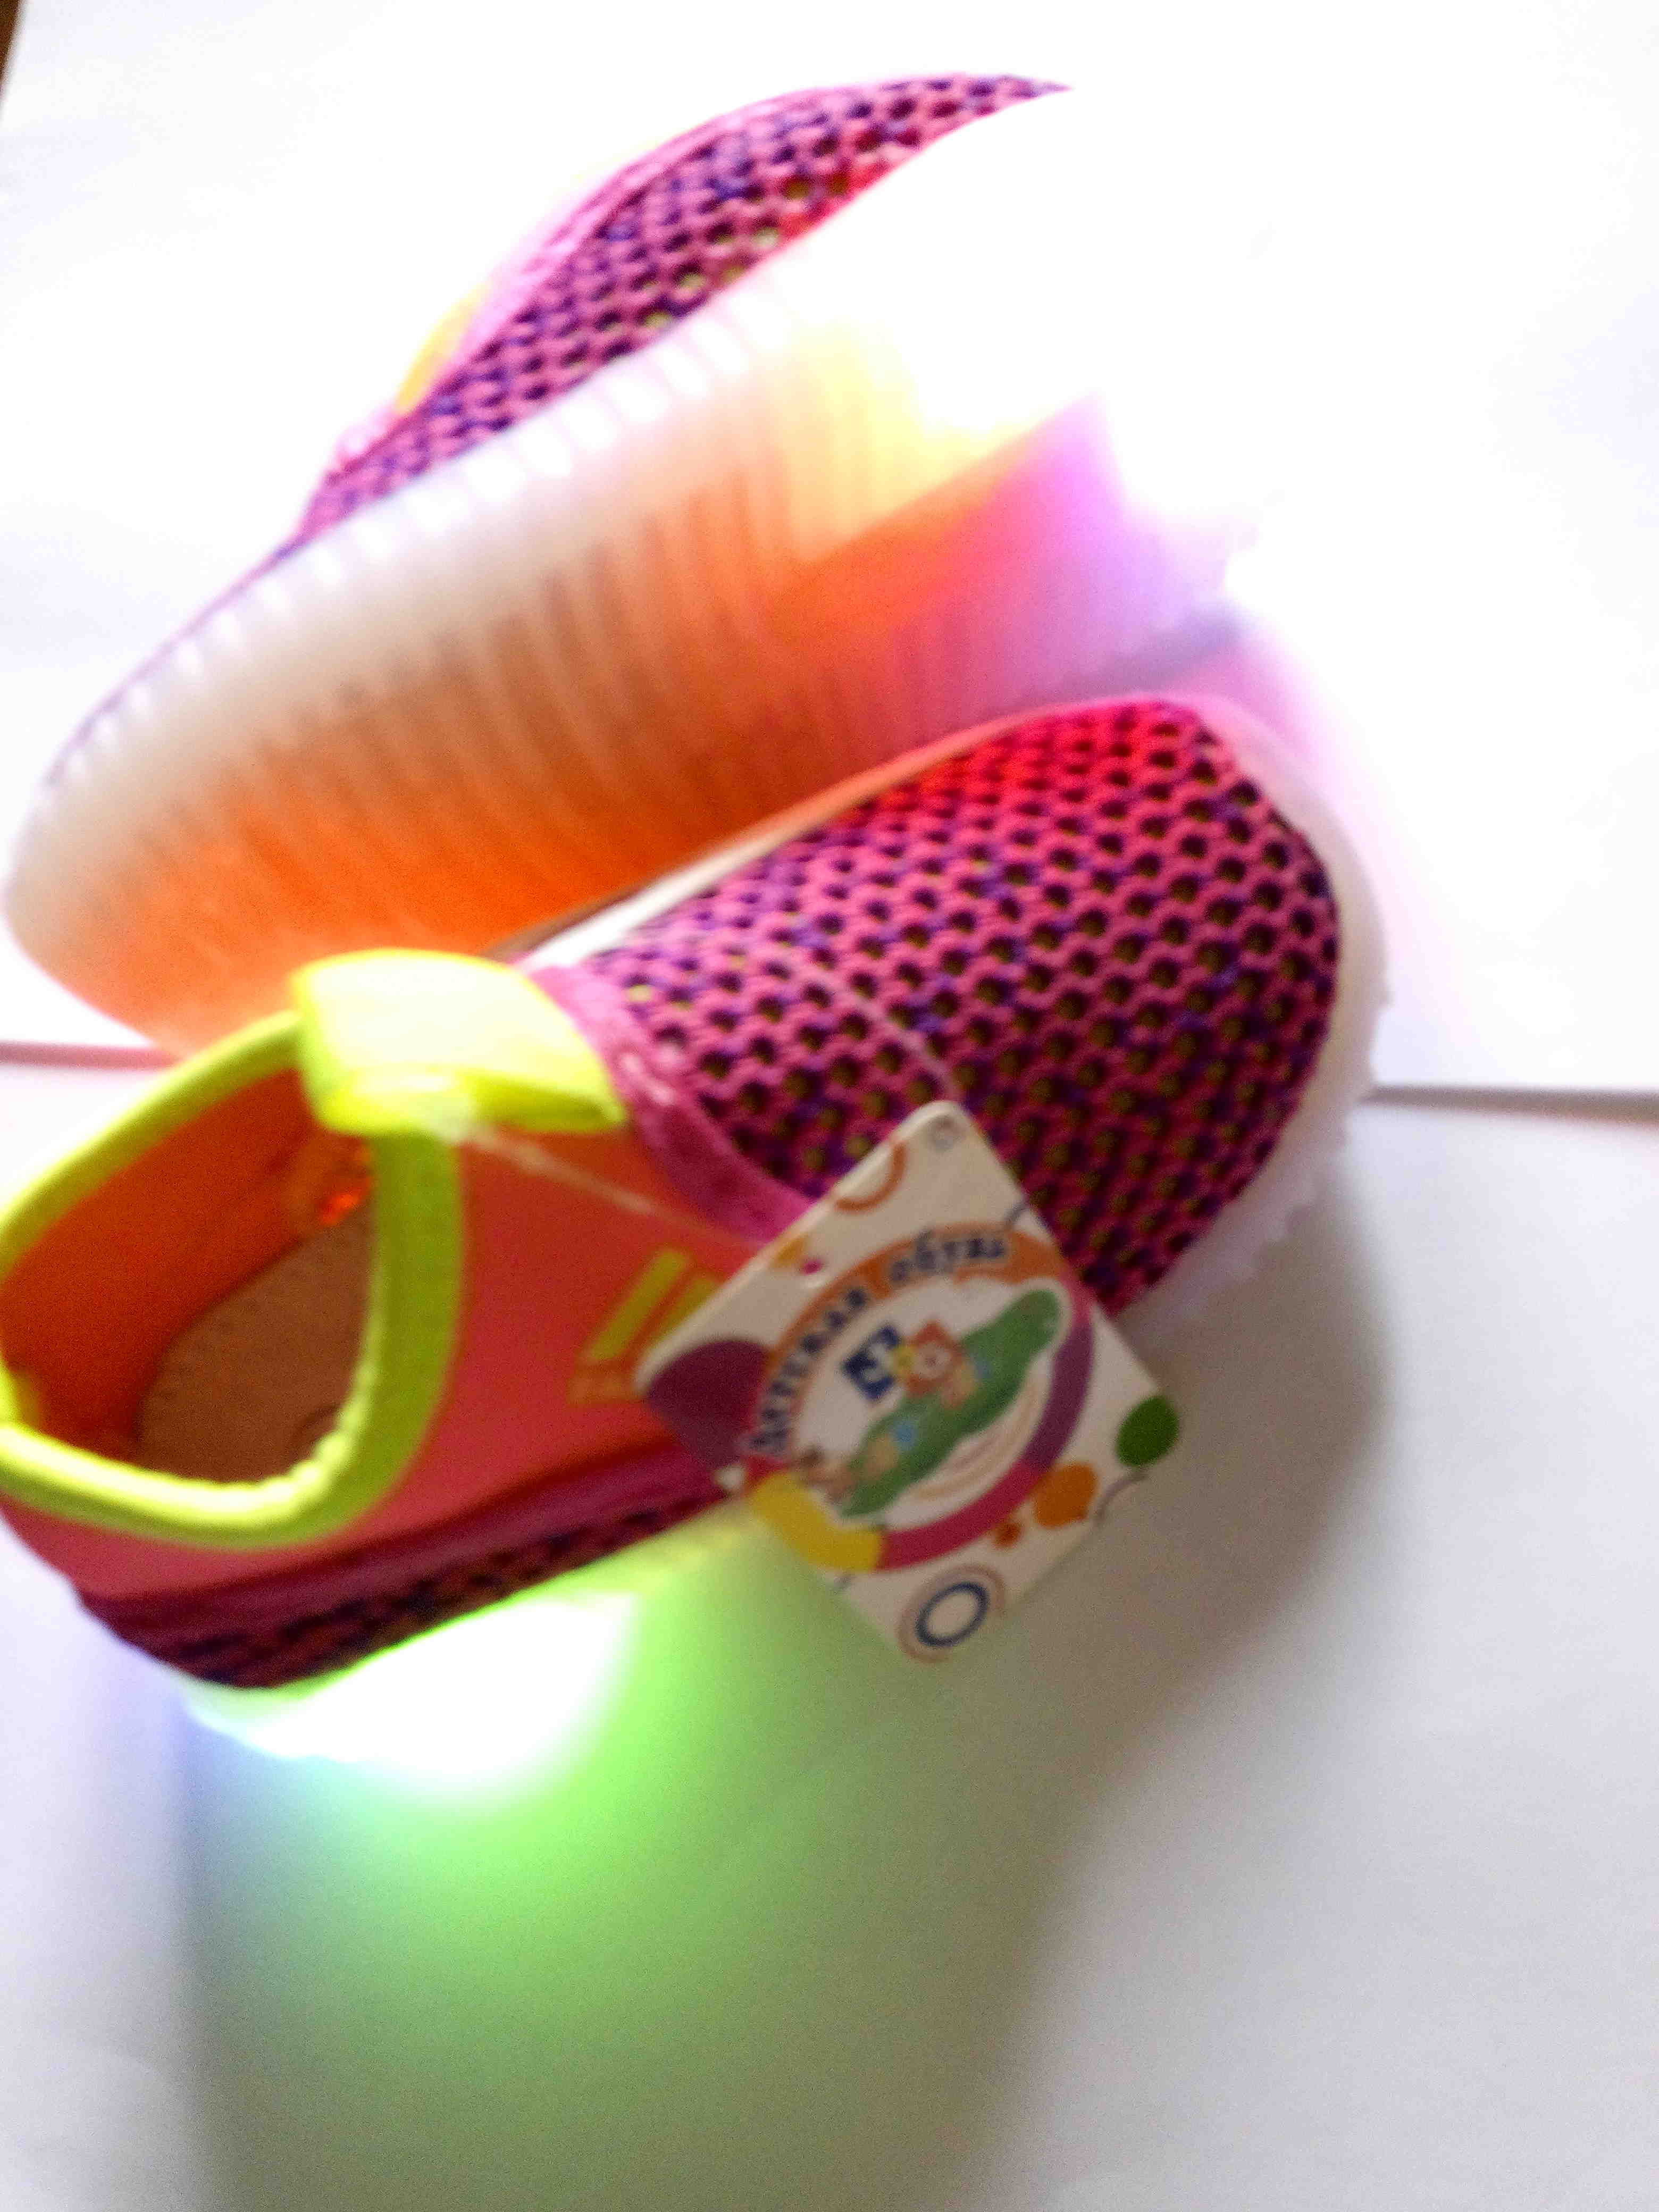 Кеди світяться трьома кольорами, кросівки, кроссовки 24-25р, зображення 1